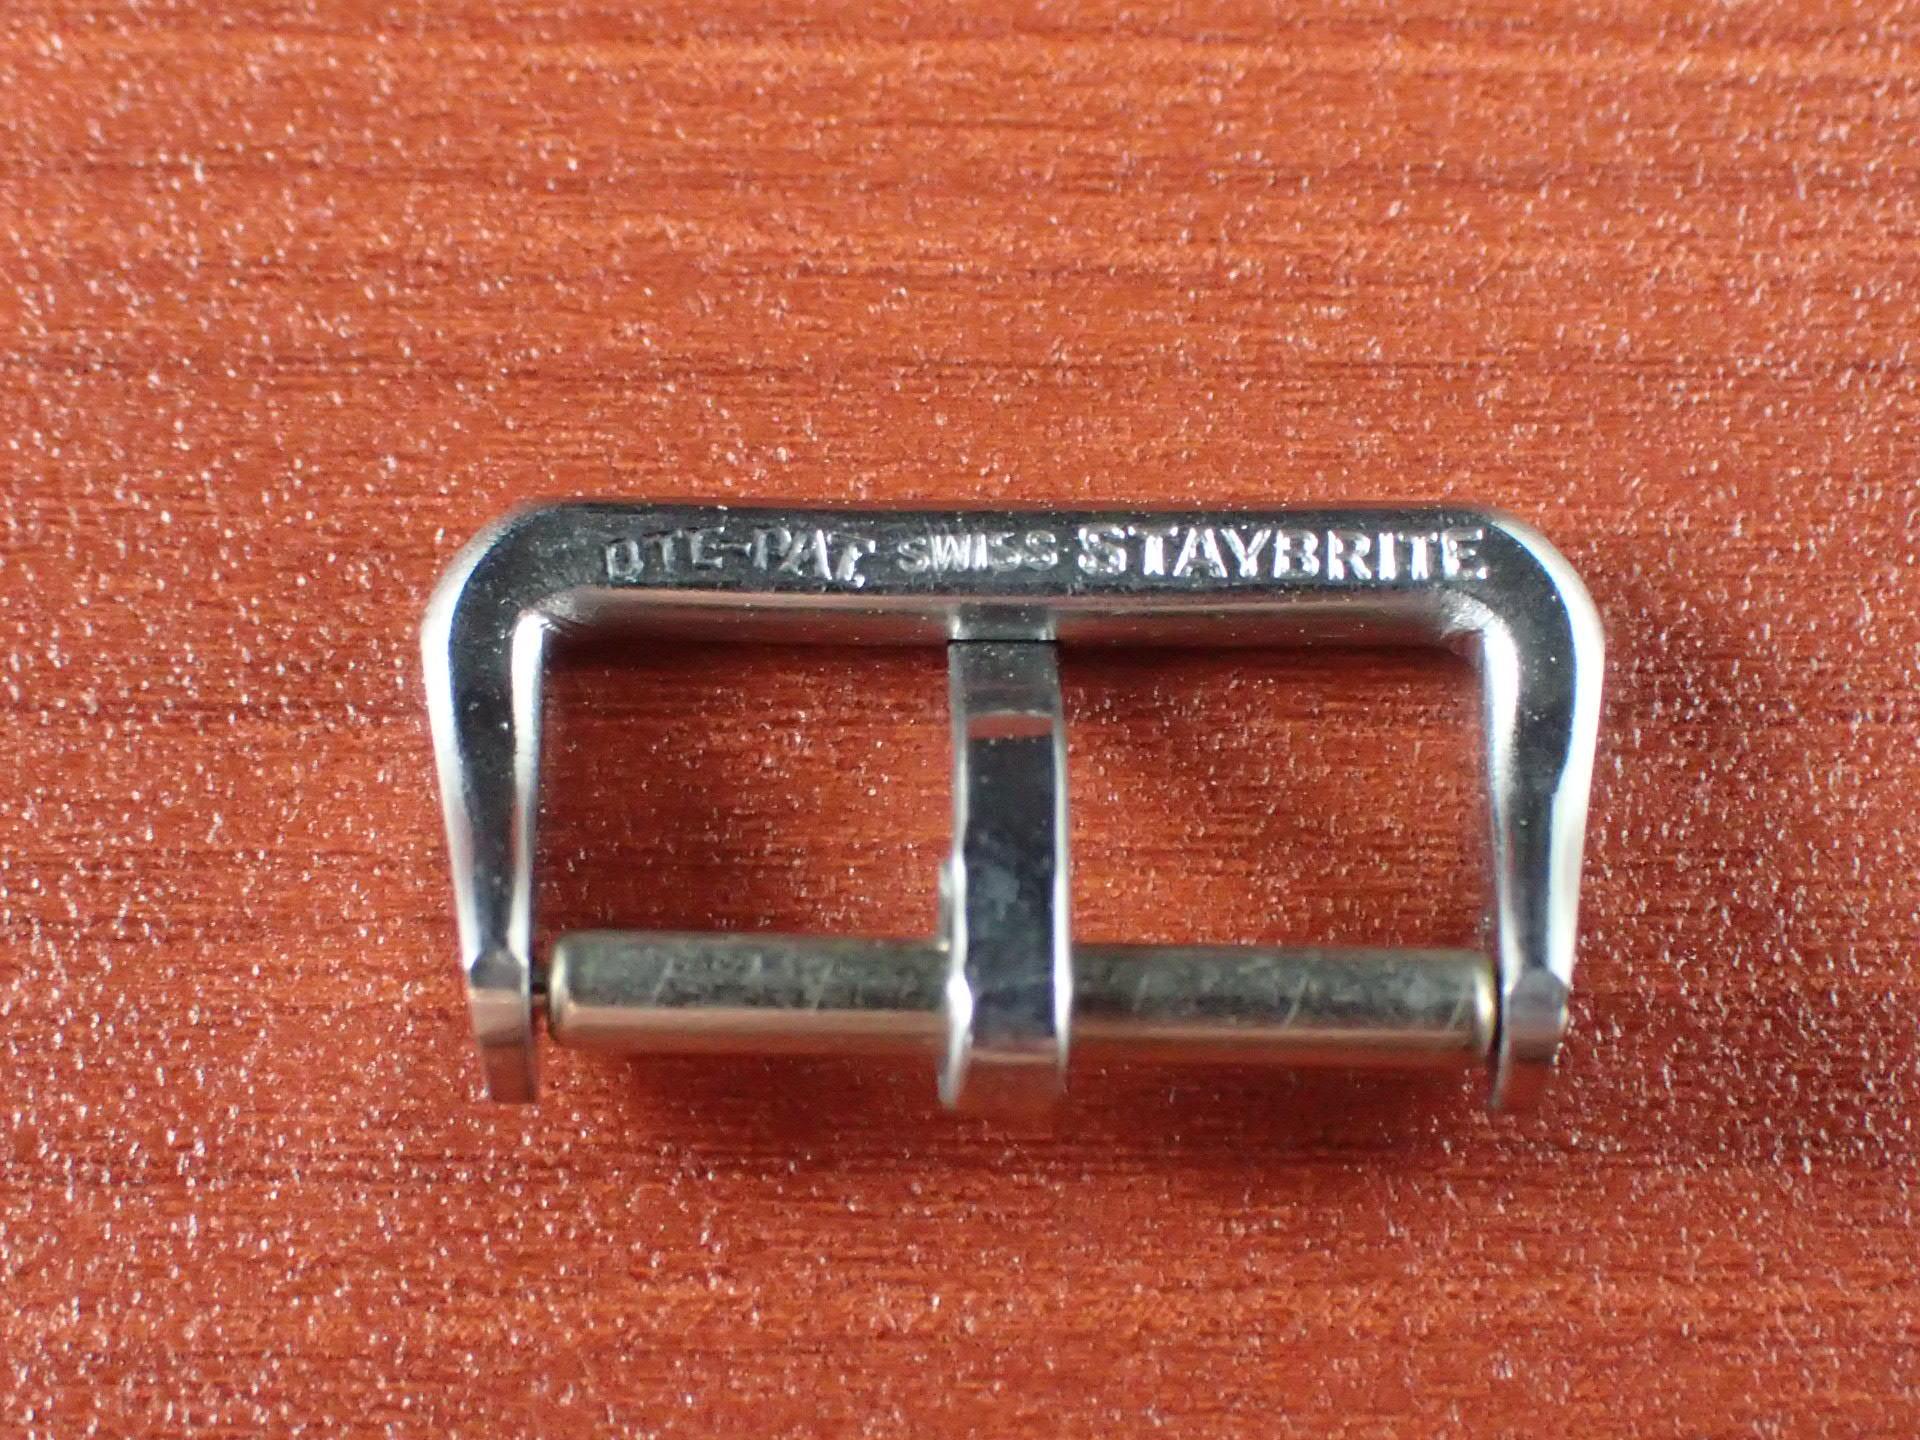 ヴィンテージSS尾錠 16mm ニューオールドストック N.O.S. 1940年代の写真5枚目